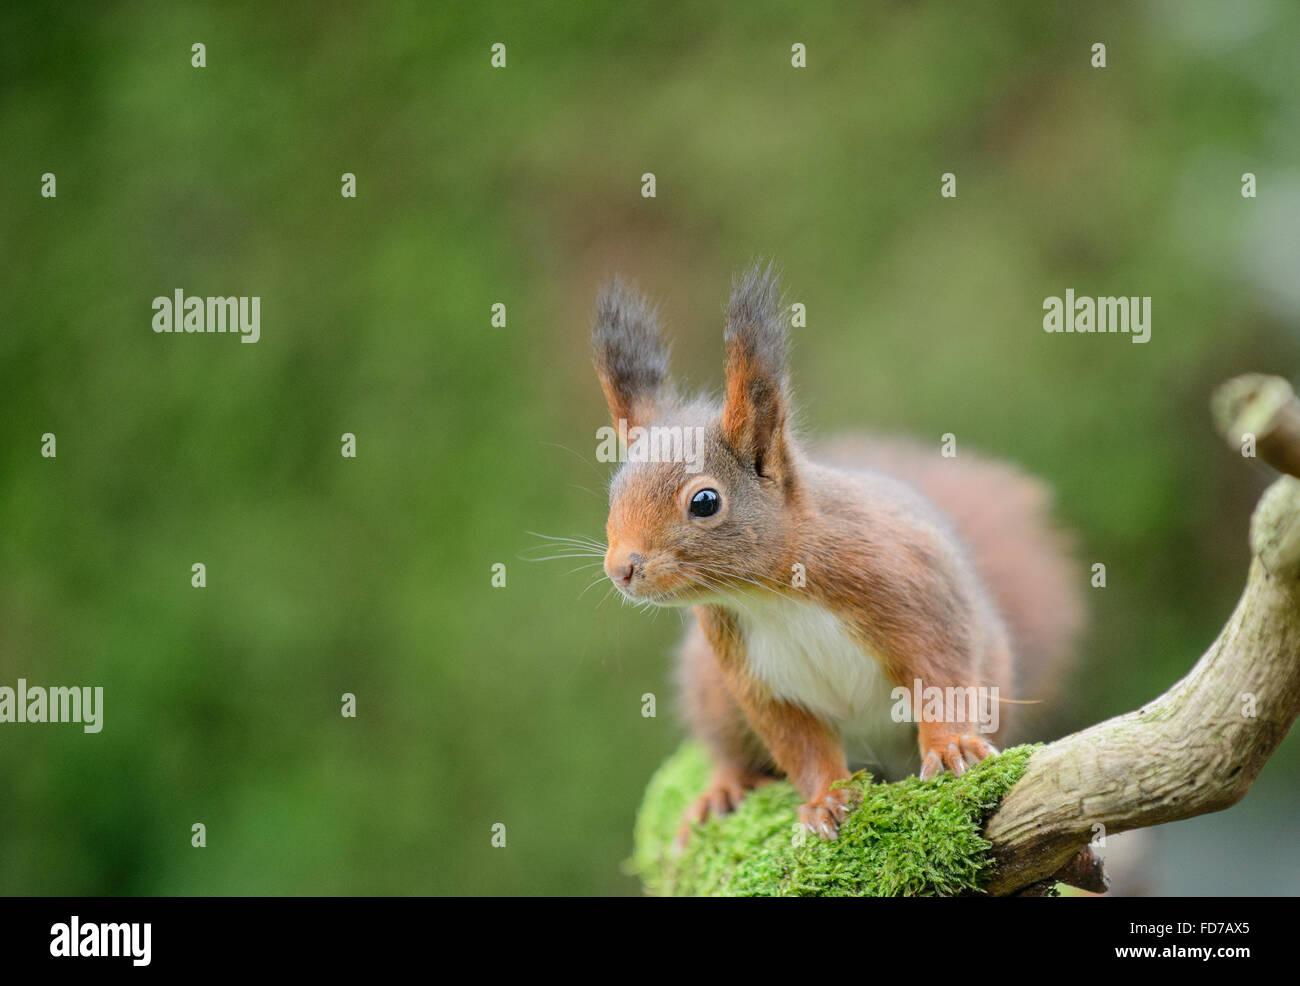 Eichhörnchen mit großen Ohr tufts Stockbild